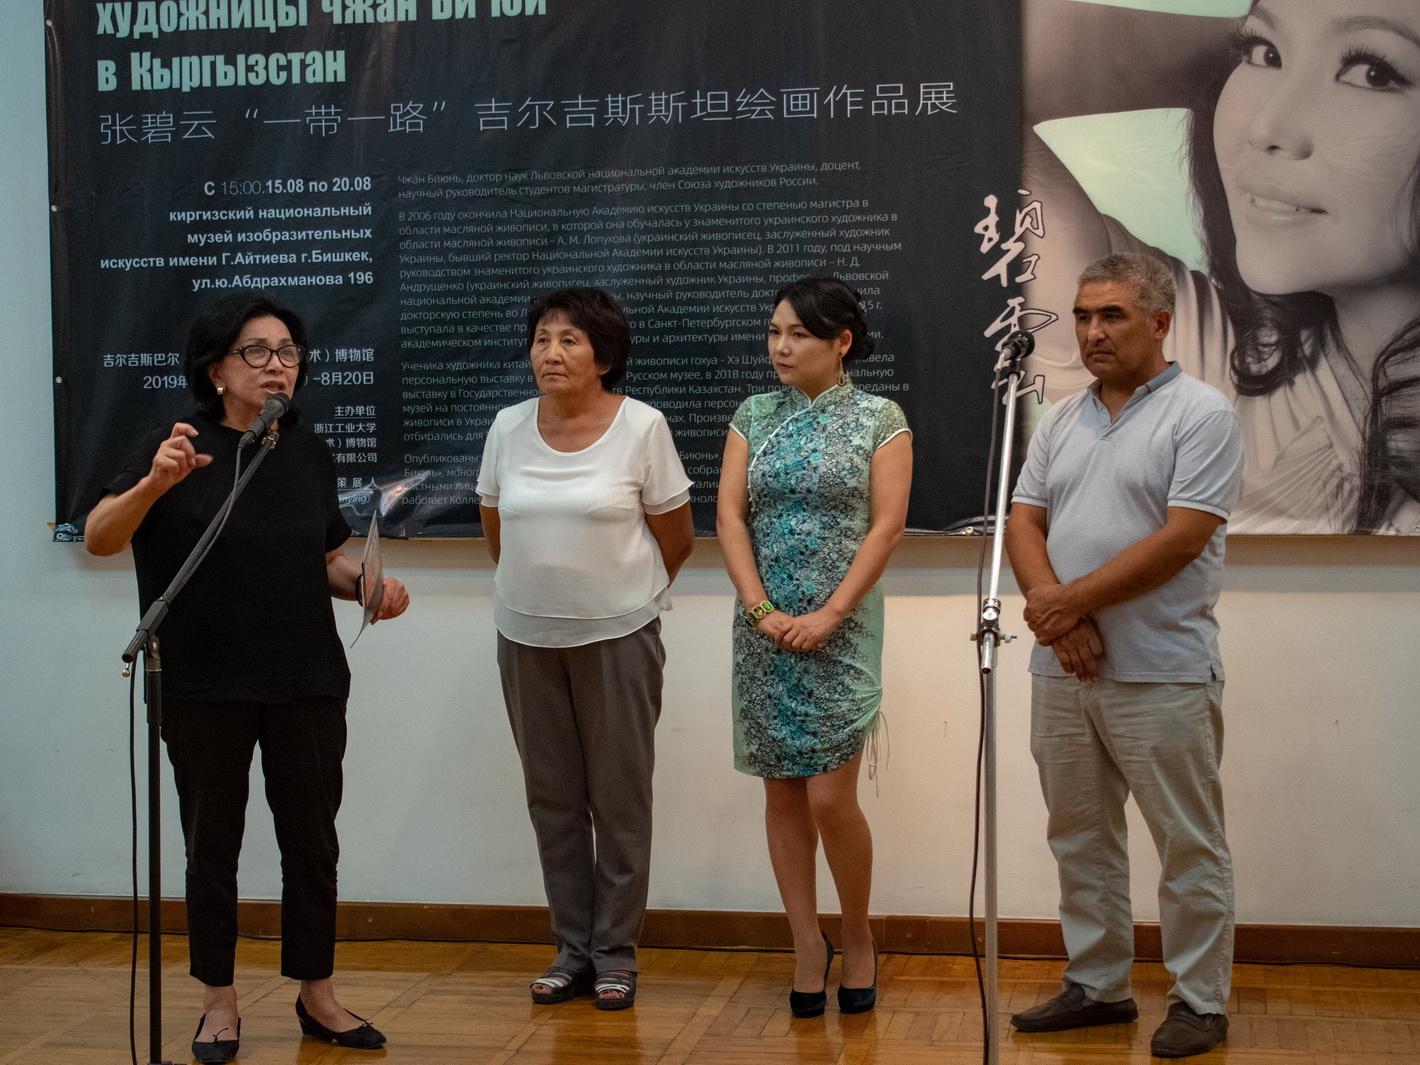 Чжан Би Юй и директор музея Мира Джангарачева: «Вот мы и вступили на один путь!»